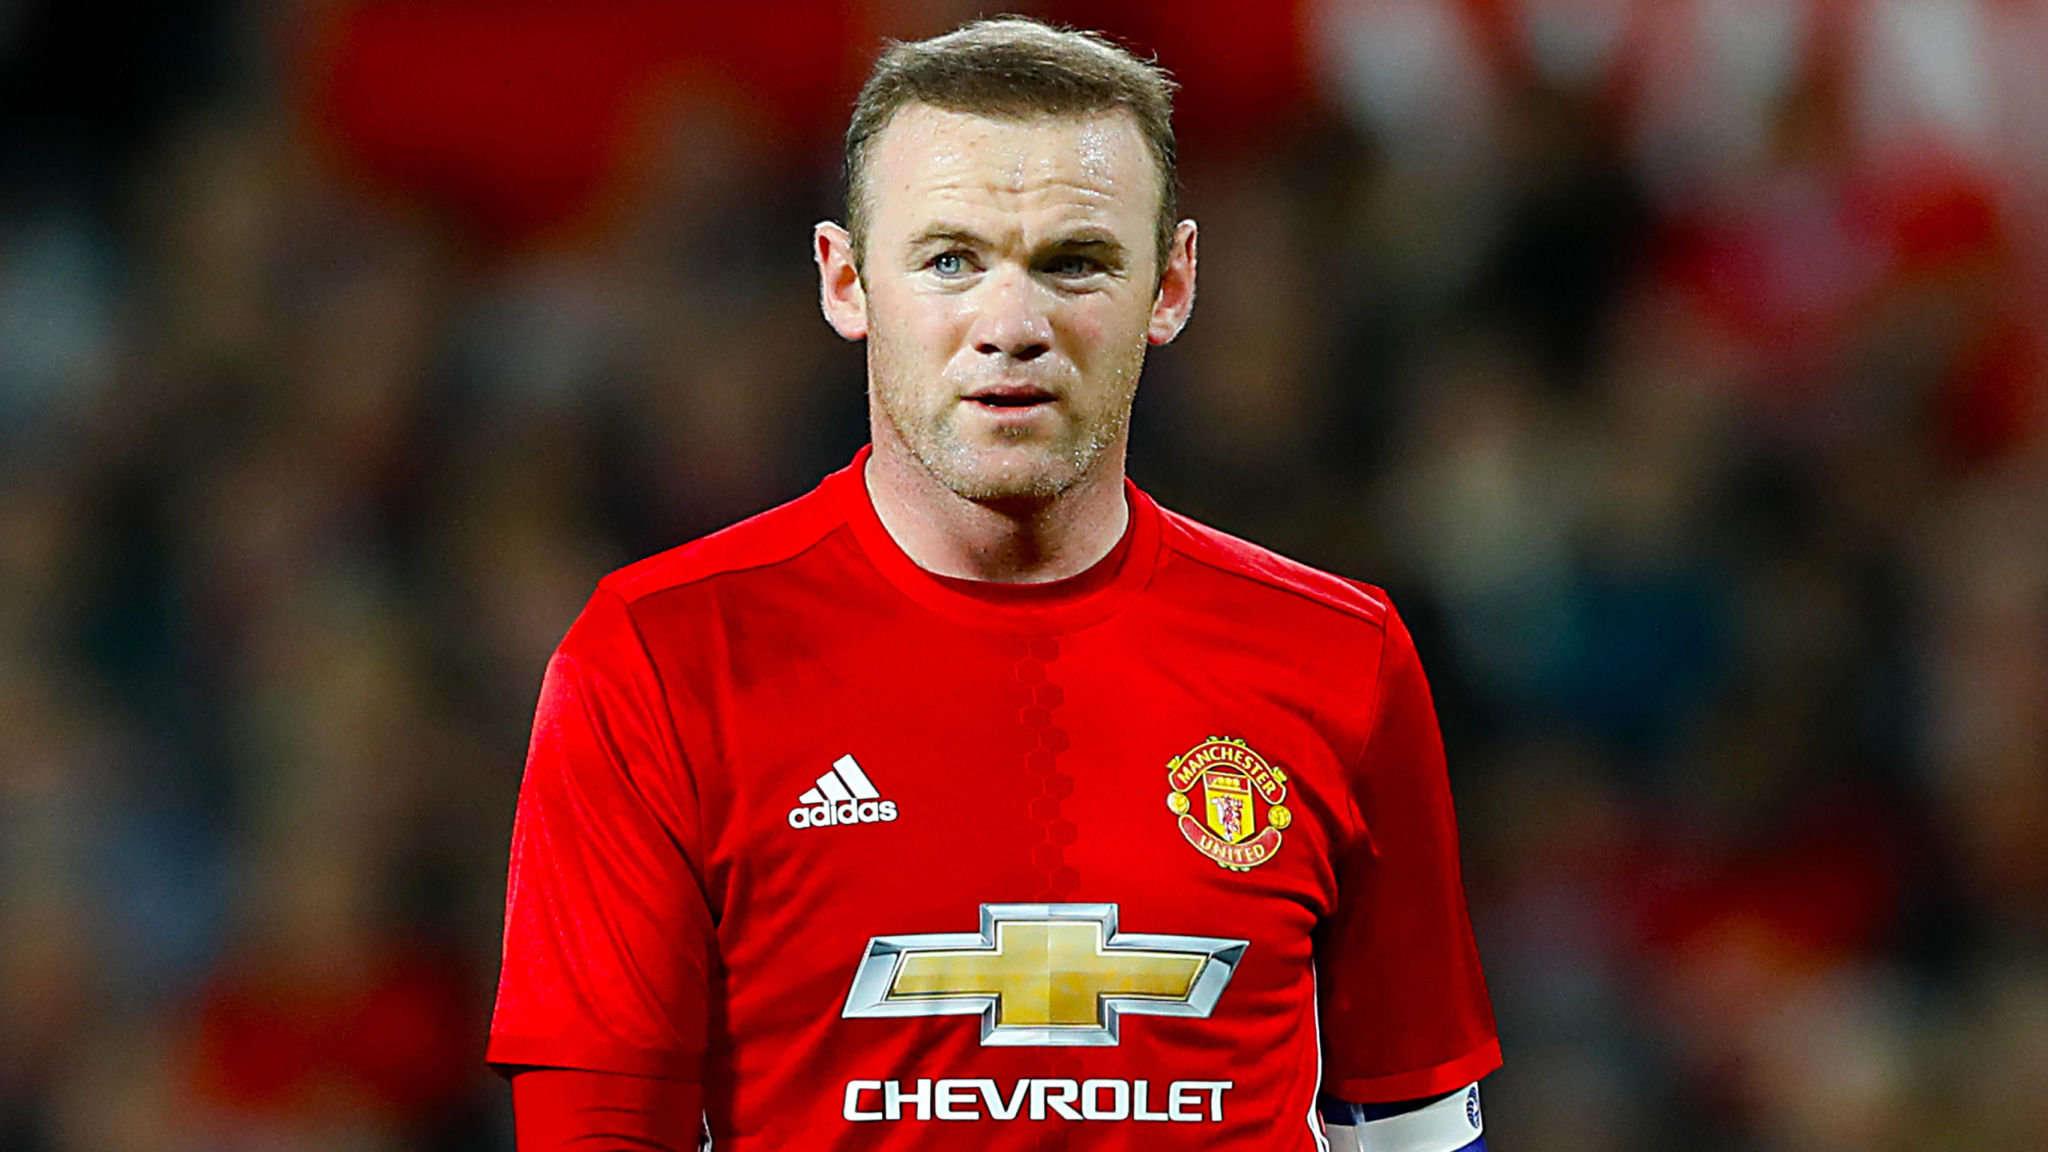 Ryan Giggs cho rằng Rooney nên ăn mừng bàn thắng nếu tối mai anh ghi bàn vào lưới Man Utd